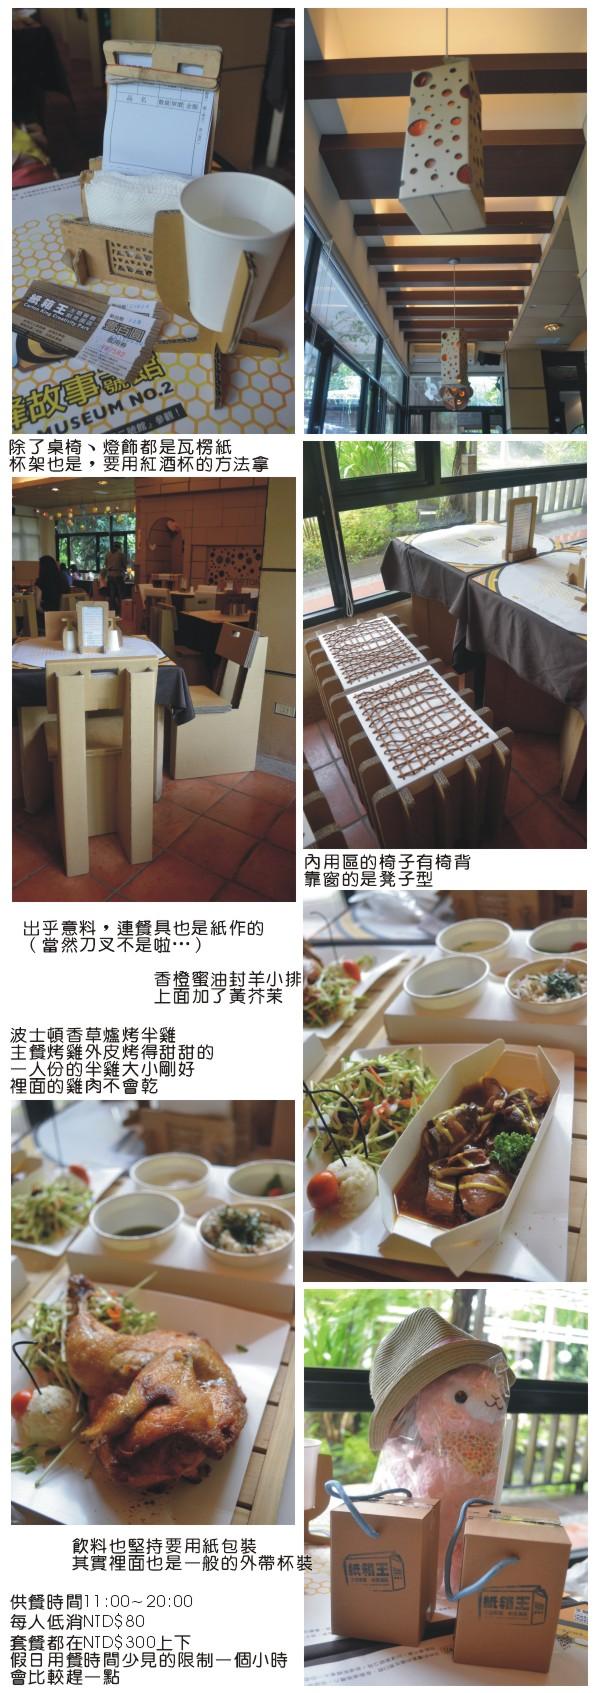 20120830紙箱王主題餐廳